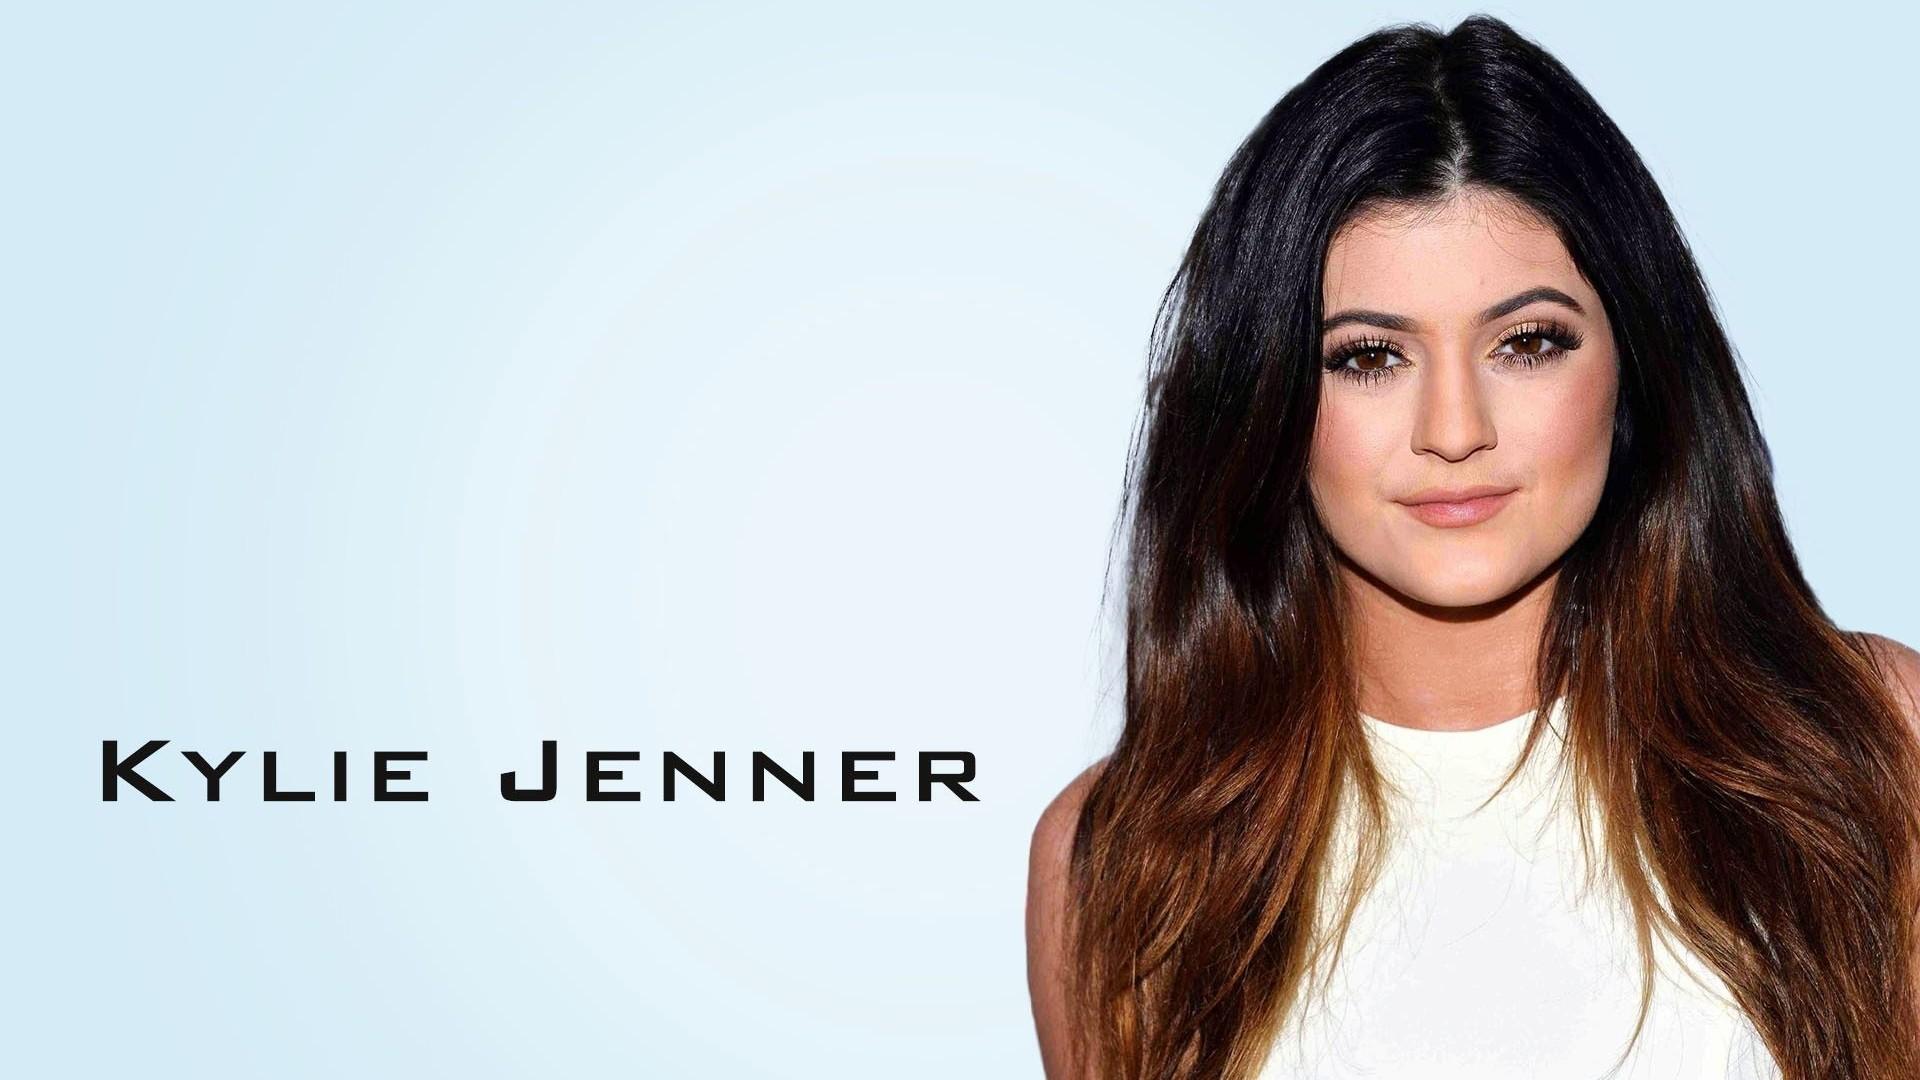 Kylie Jenner a wallpaper